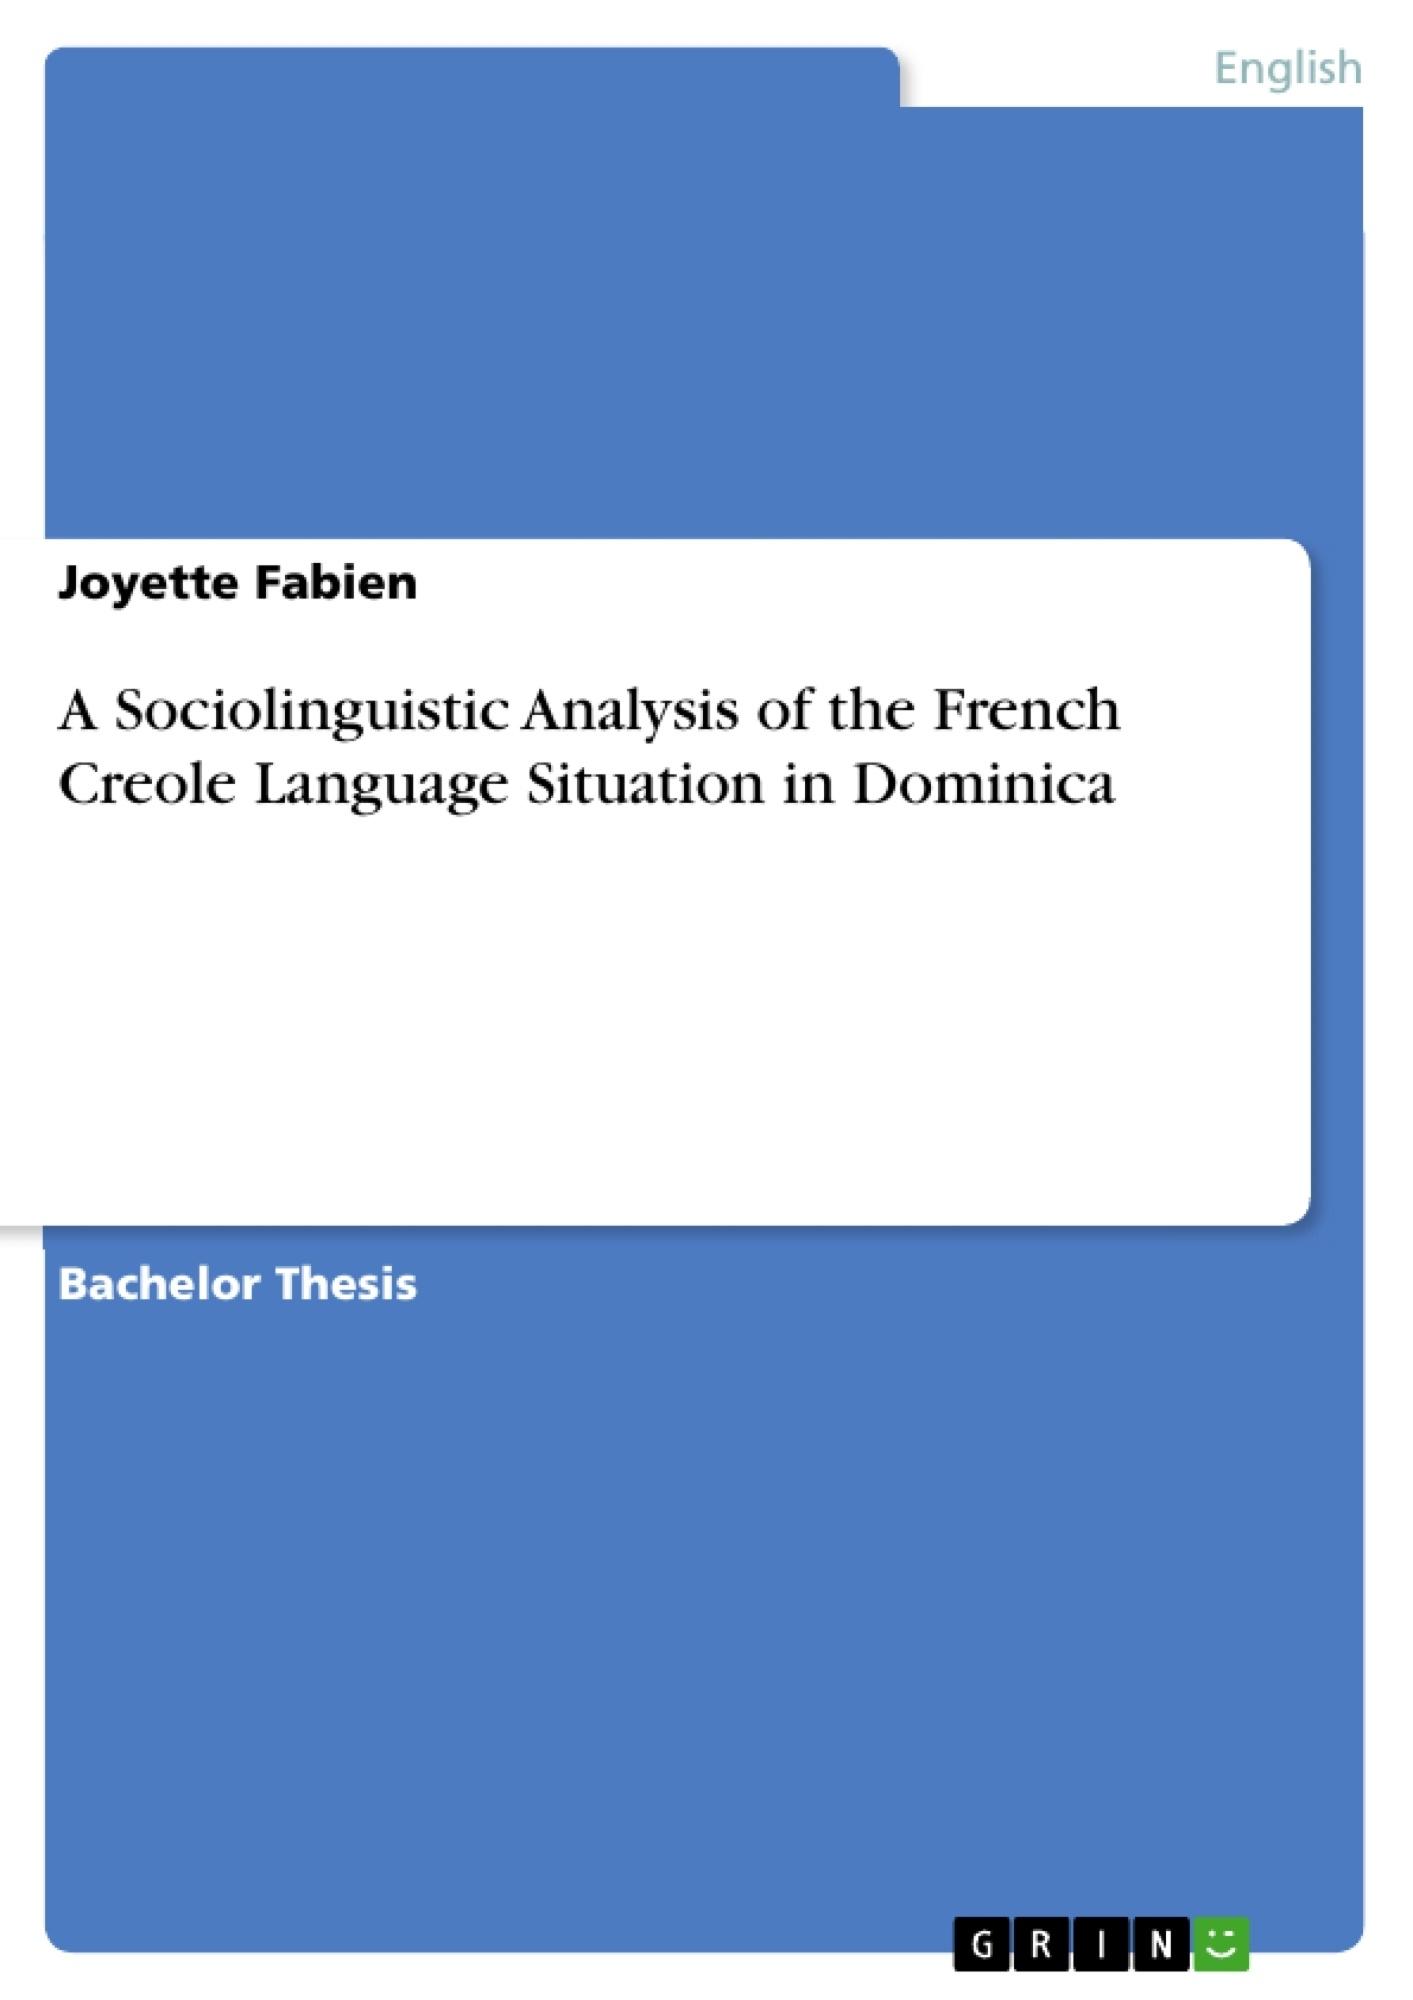 Dissertation in sociolinguistics